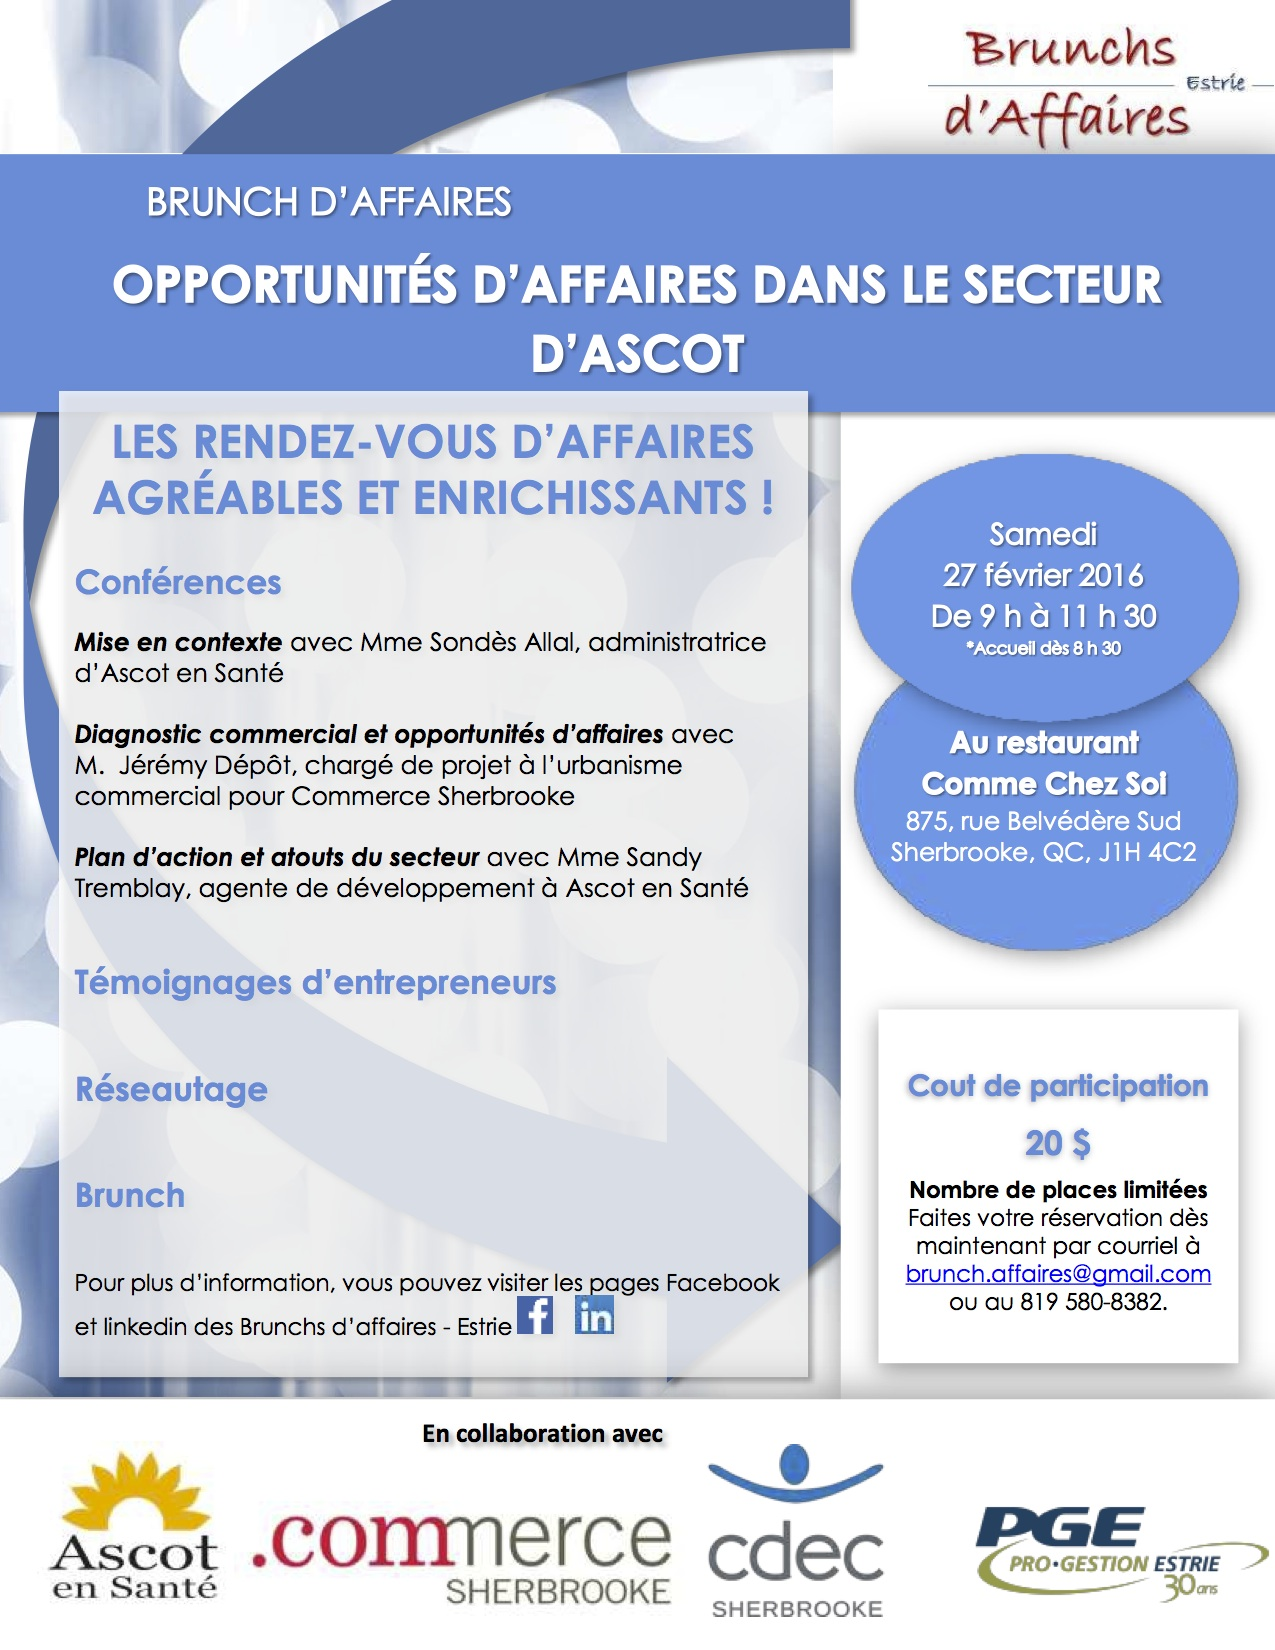 Brunch-daffaires_Opportunités-dAffaires-ASCOT